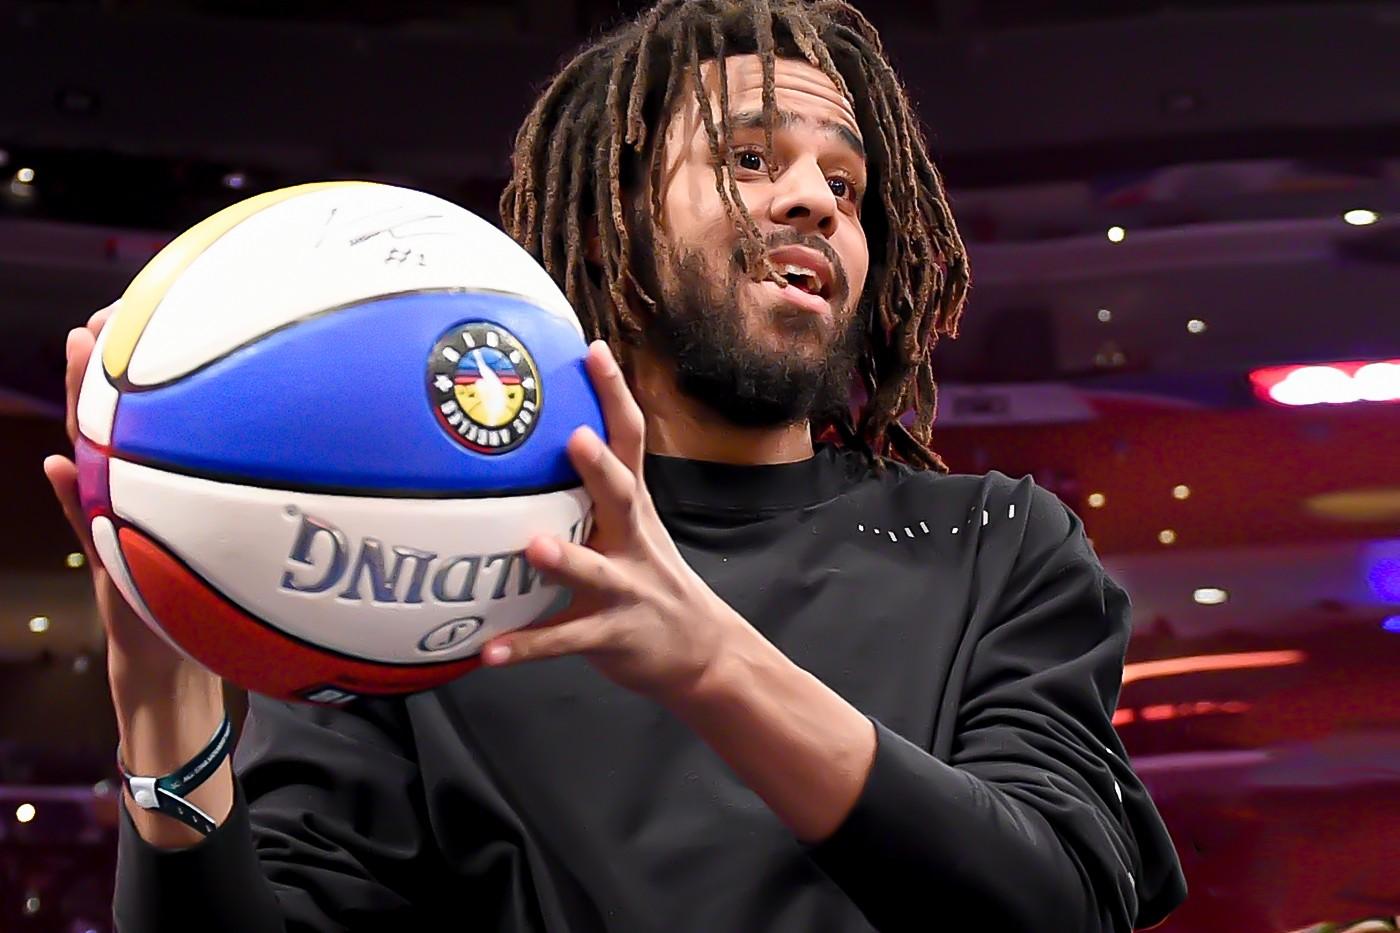 消息称知名饶舌歌手 J. Cole 即将加入 BAL 非洲篮球联赛